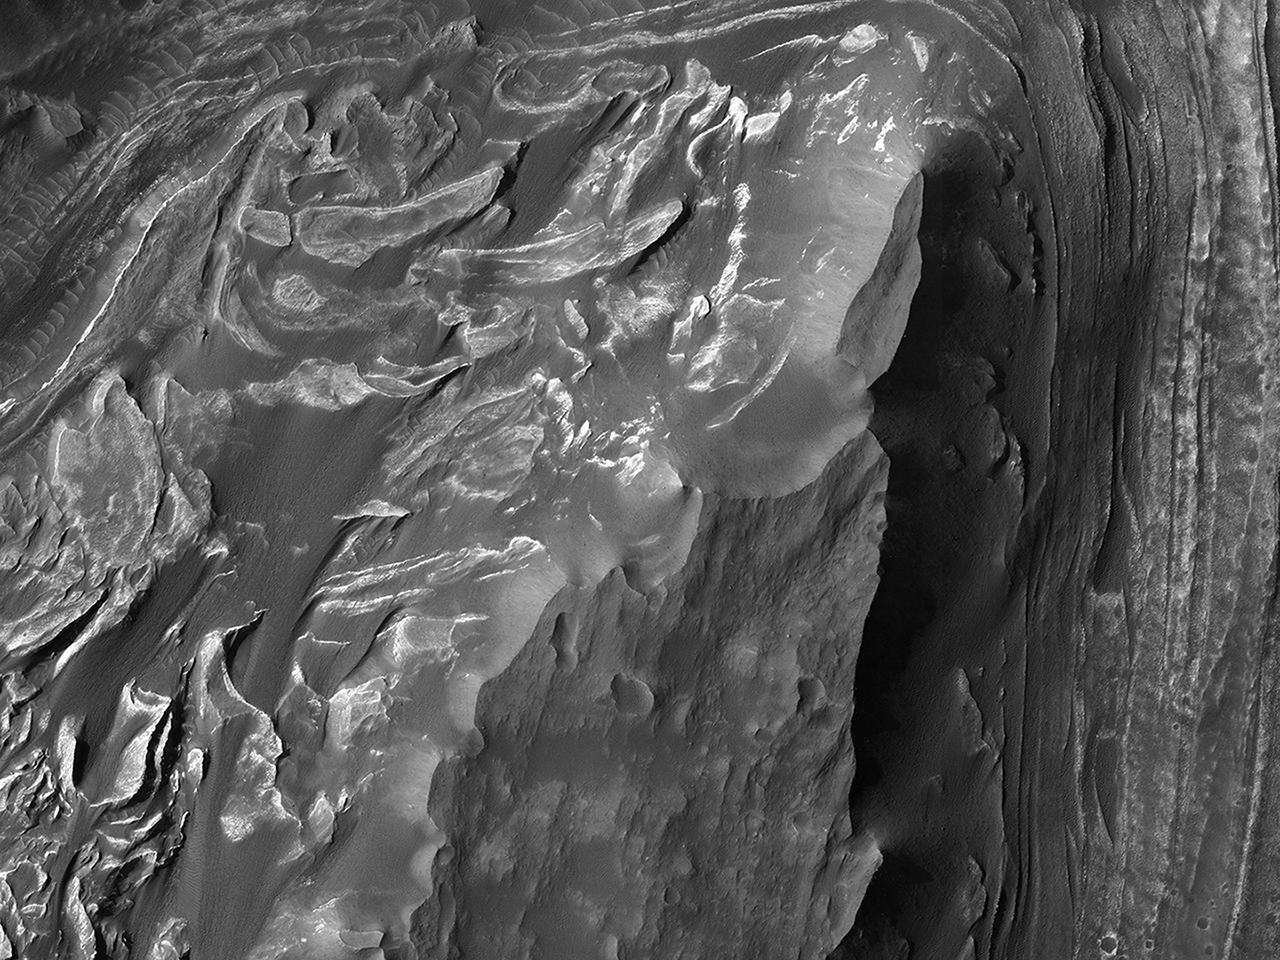 Υψώματα Στρωσιγενούς Υλικού  στο Δυτικό  Άκρο του Μέλανος Χάσματος (Melas Chasma)